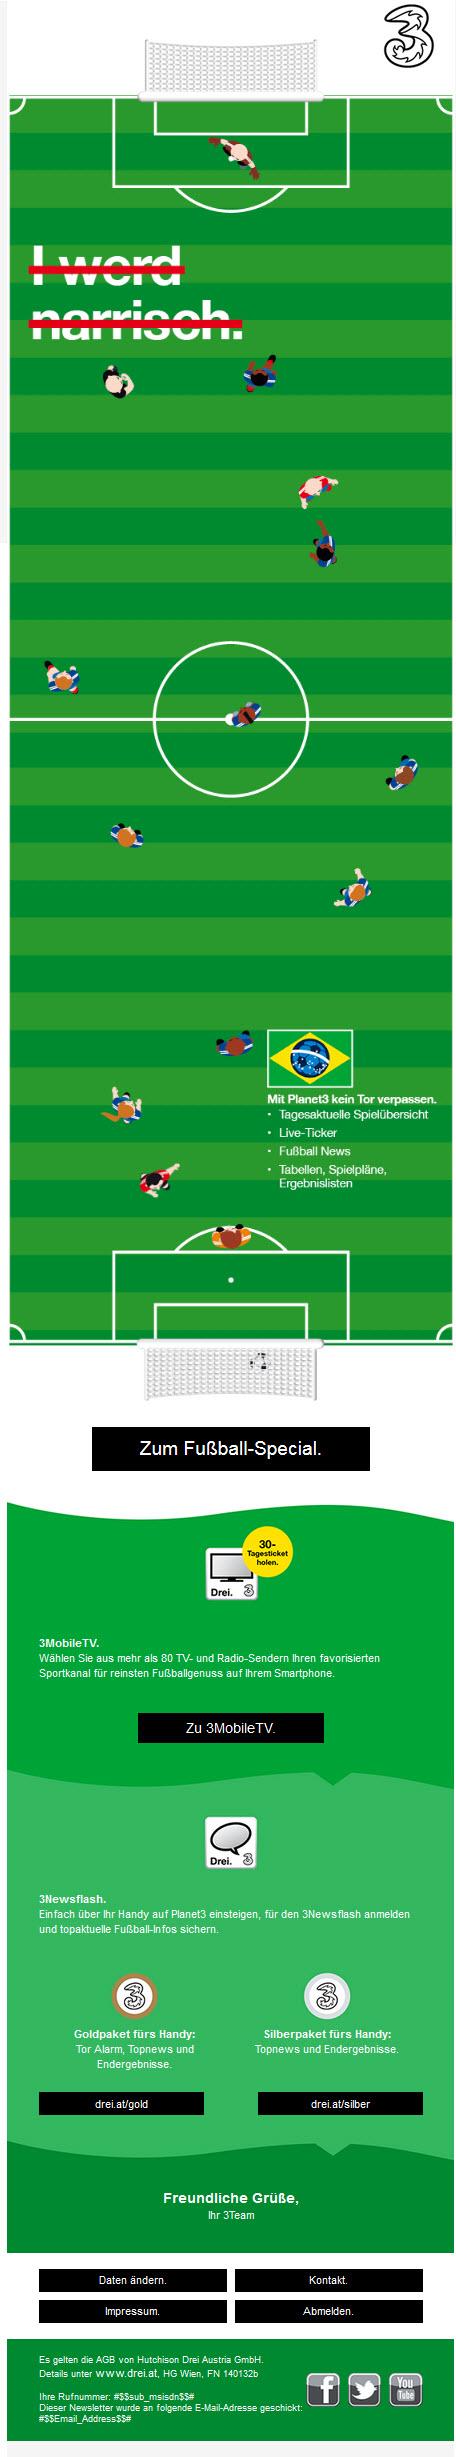 Foorball2